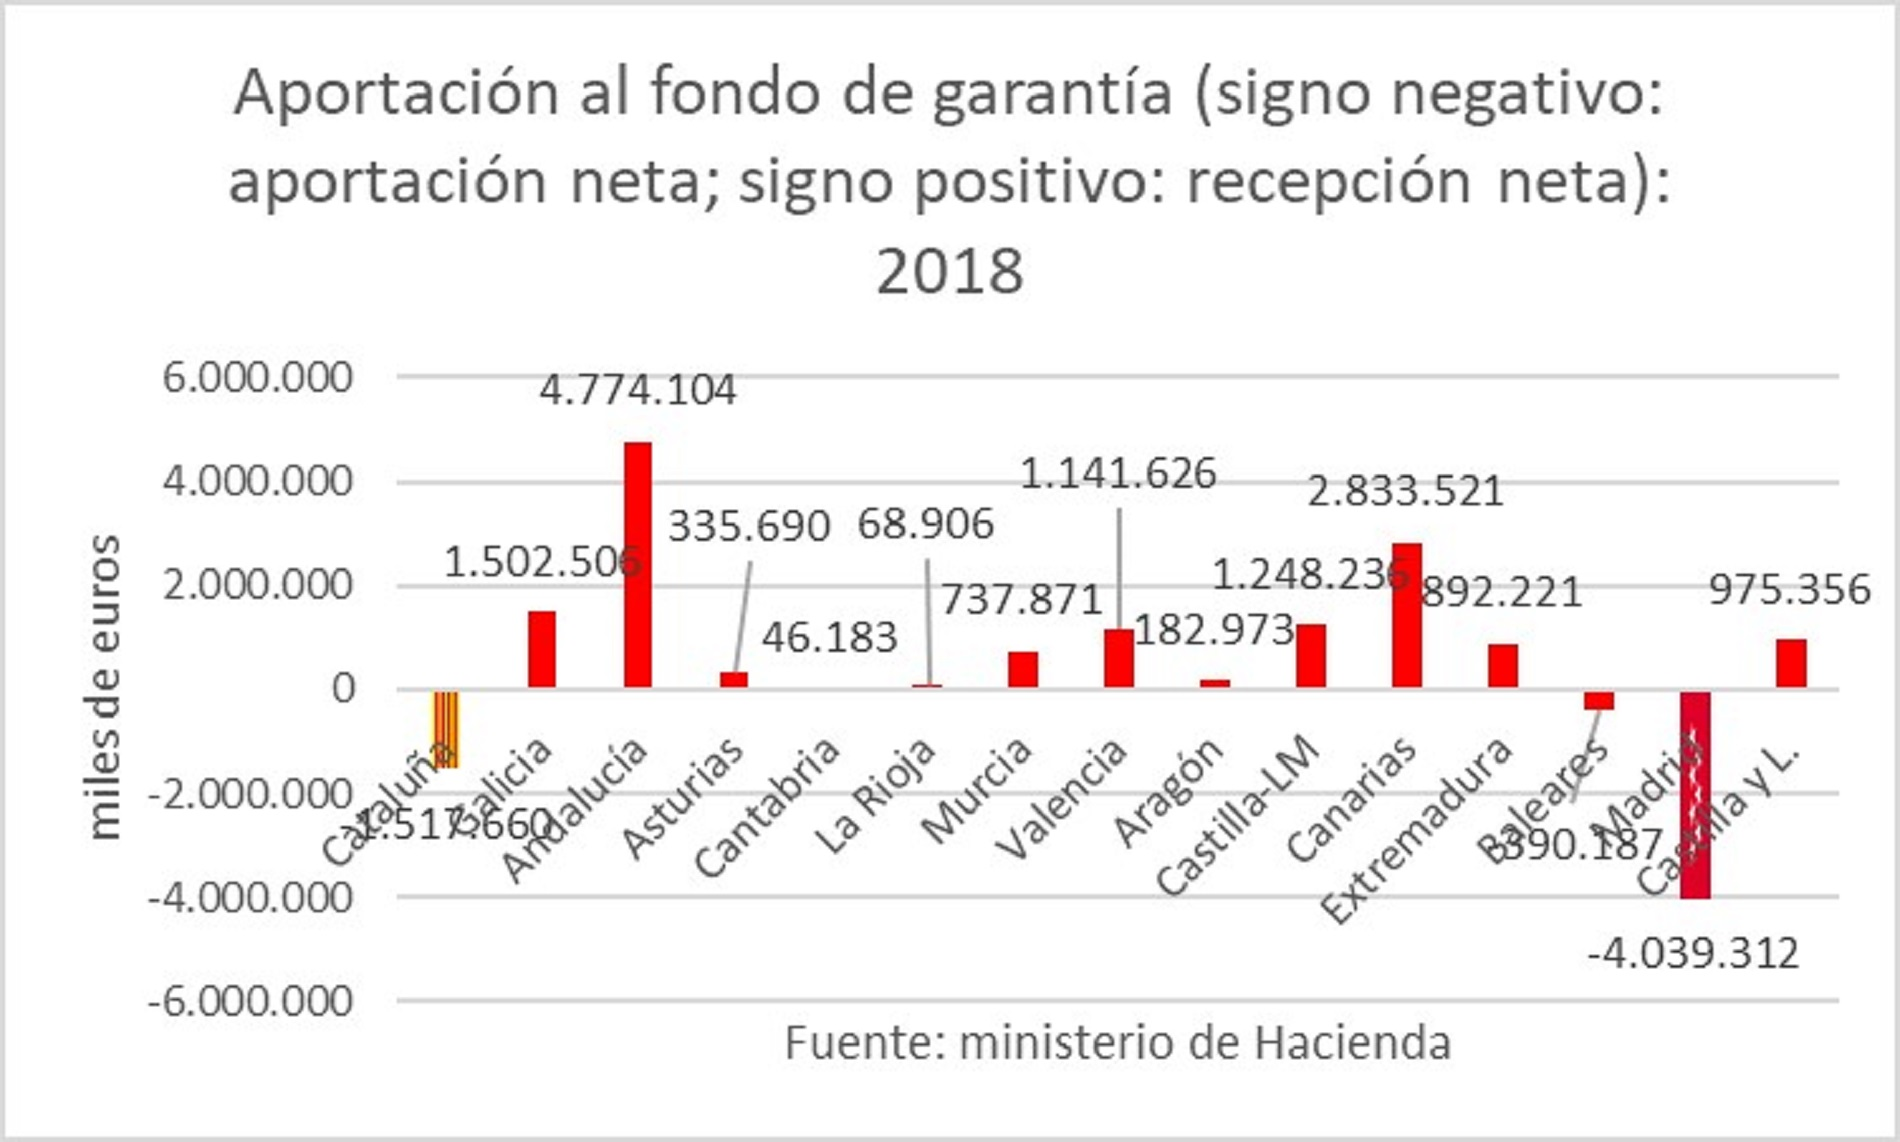 fondo-garantia-servicios-publicos-fundamentales-2018.jpg